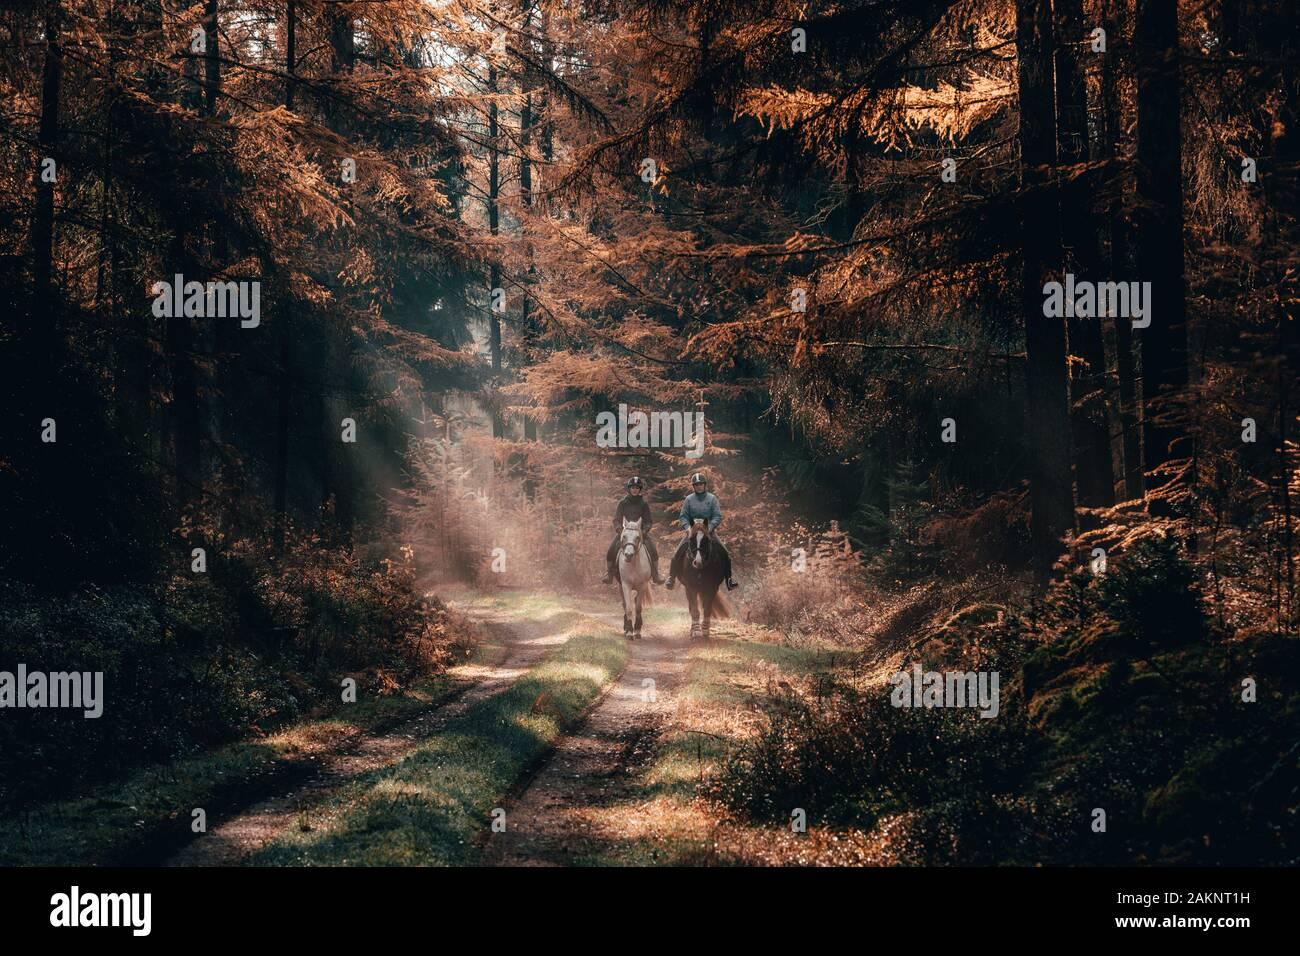 Luneberg, Alemania - 10 Nov, 2019: Dos mujeres esquestrians montar a caballo en los bosques Heide woodand con luz dorada del sol de otoño emitidos sobre ellas. Foto de stock